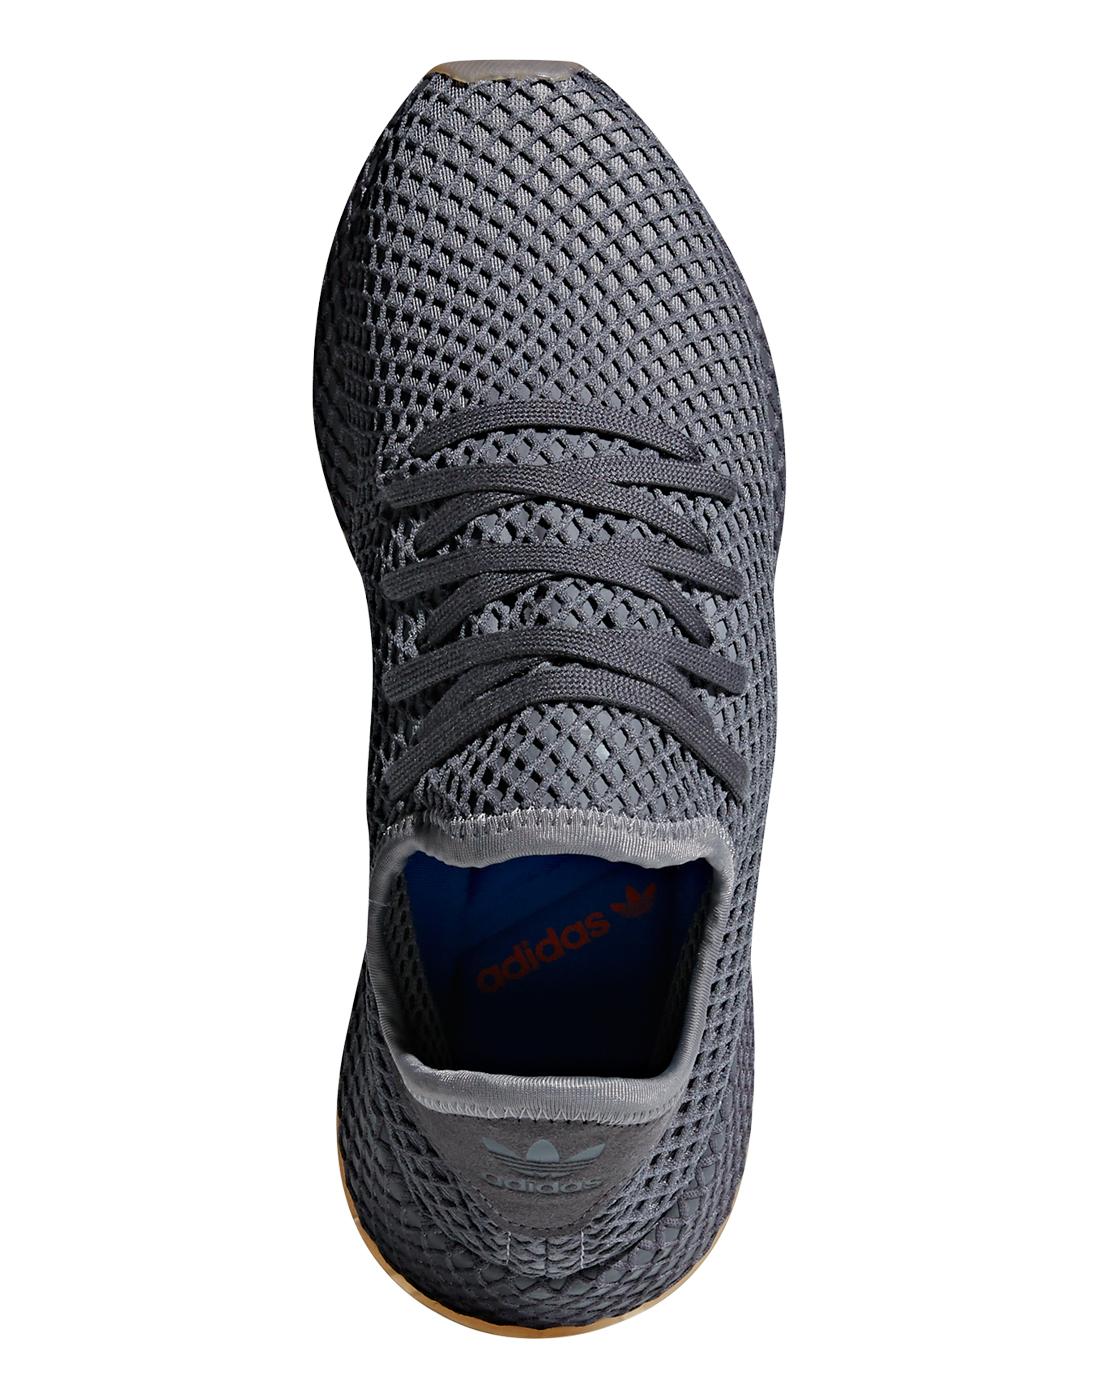 buy online d97a7 a791d adidas Originals. Mens Deerupt Runner. Mens Deerupt Runner · Mens Deerupt  Runner · Mens Deerupt Runner ...